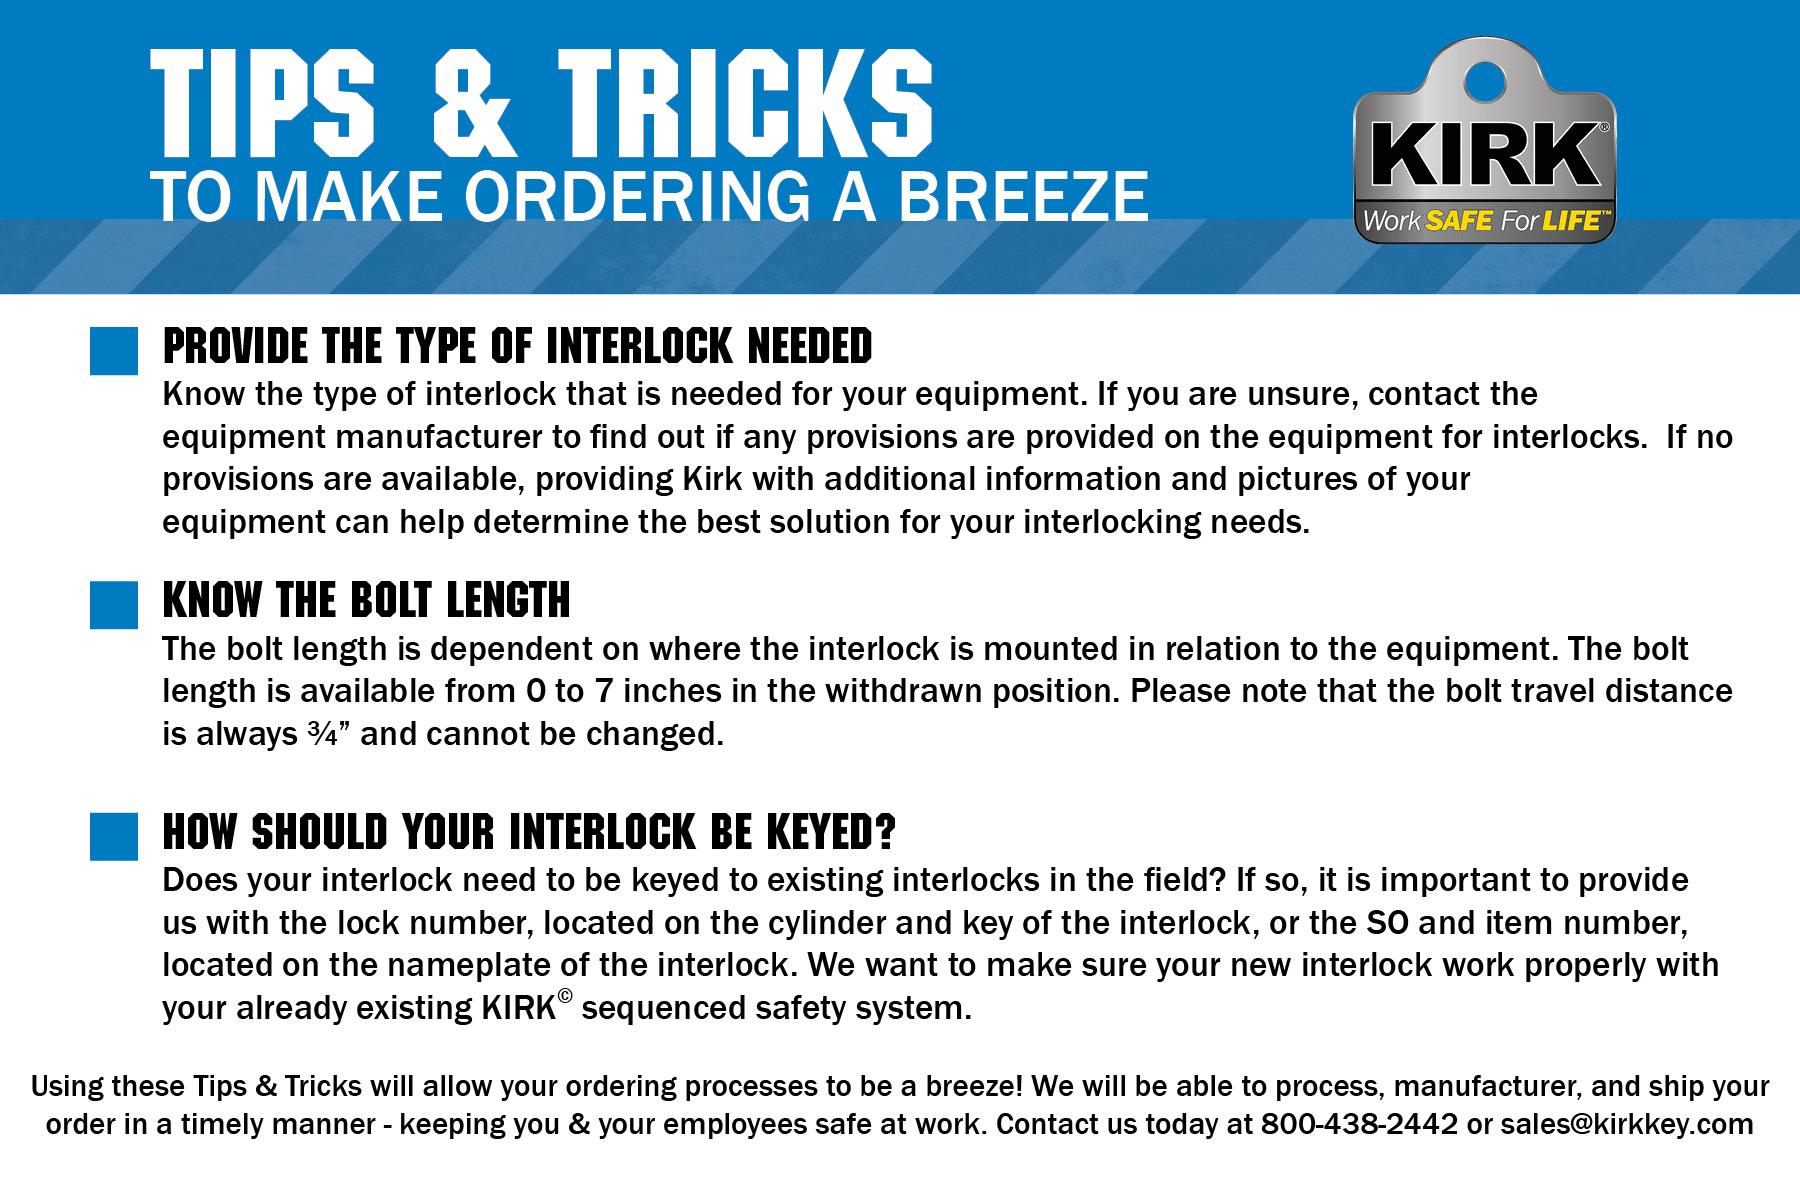 07bbc0_8ab0d9a3379a4688938f410b0e7a13b6~mv2_d_1800_1200_s_2 tips & tricks to make ordering a breeze kirk� the leader in kirk key interlock wiring diagram at soozxer.org